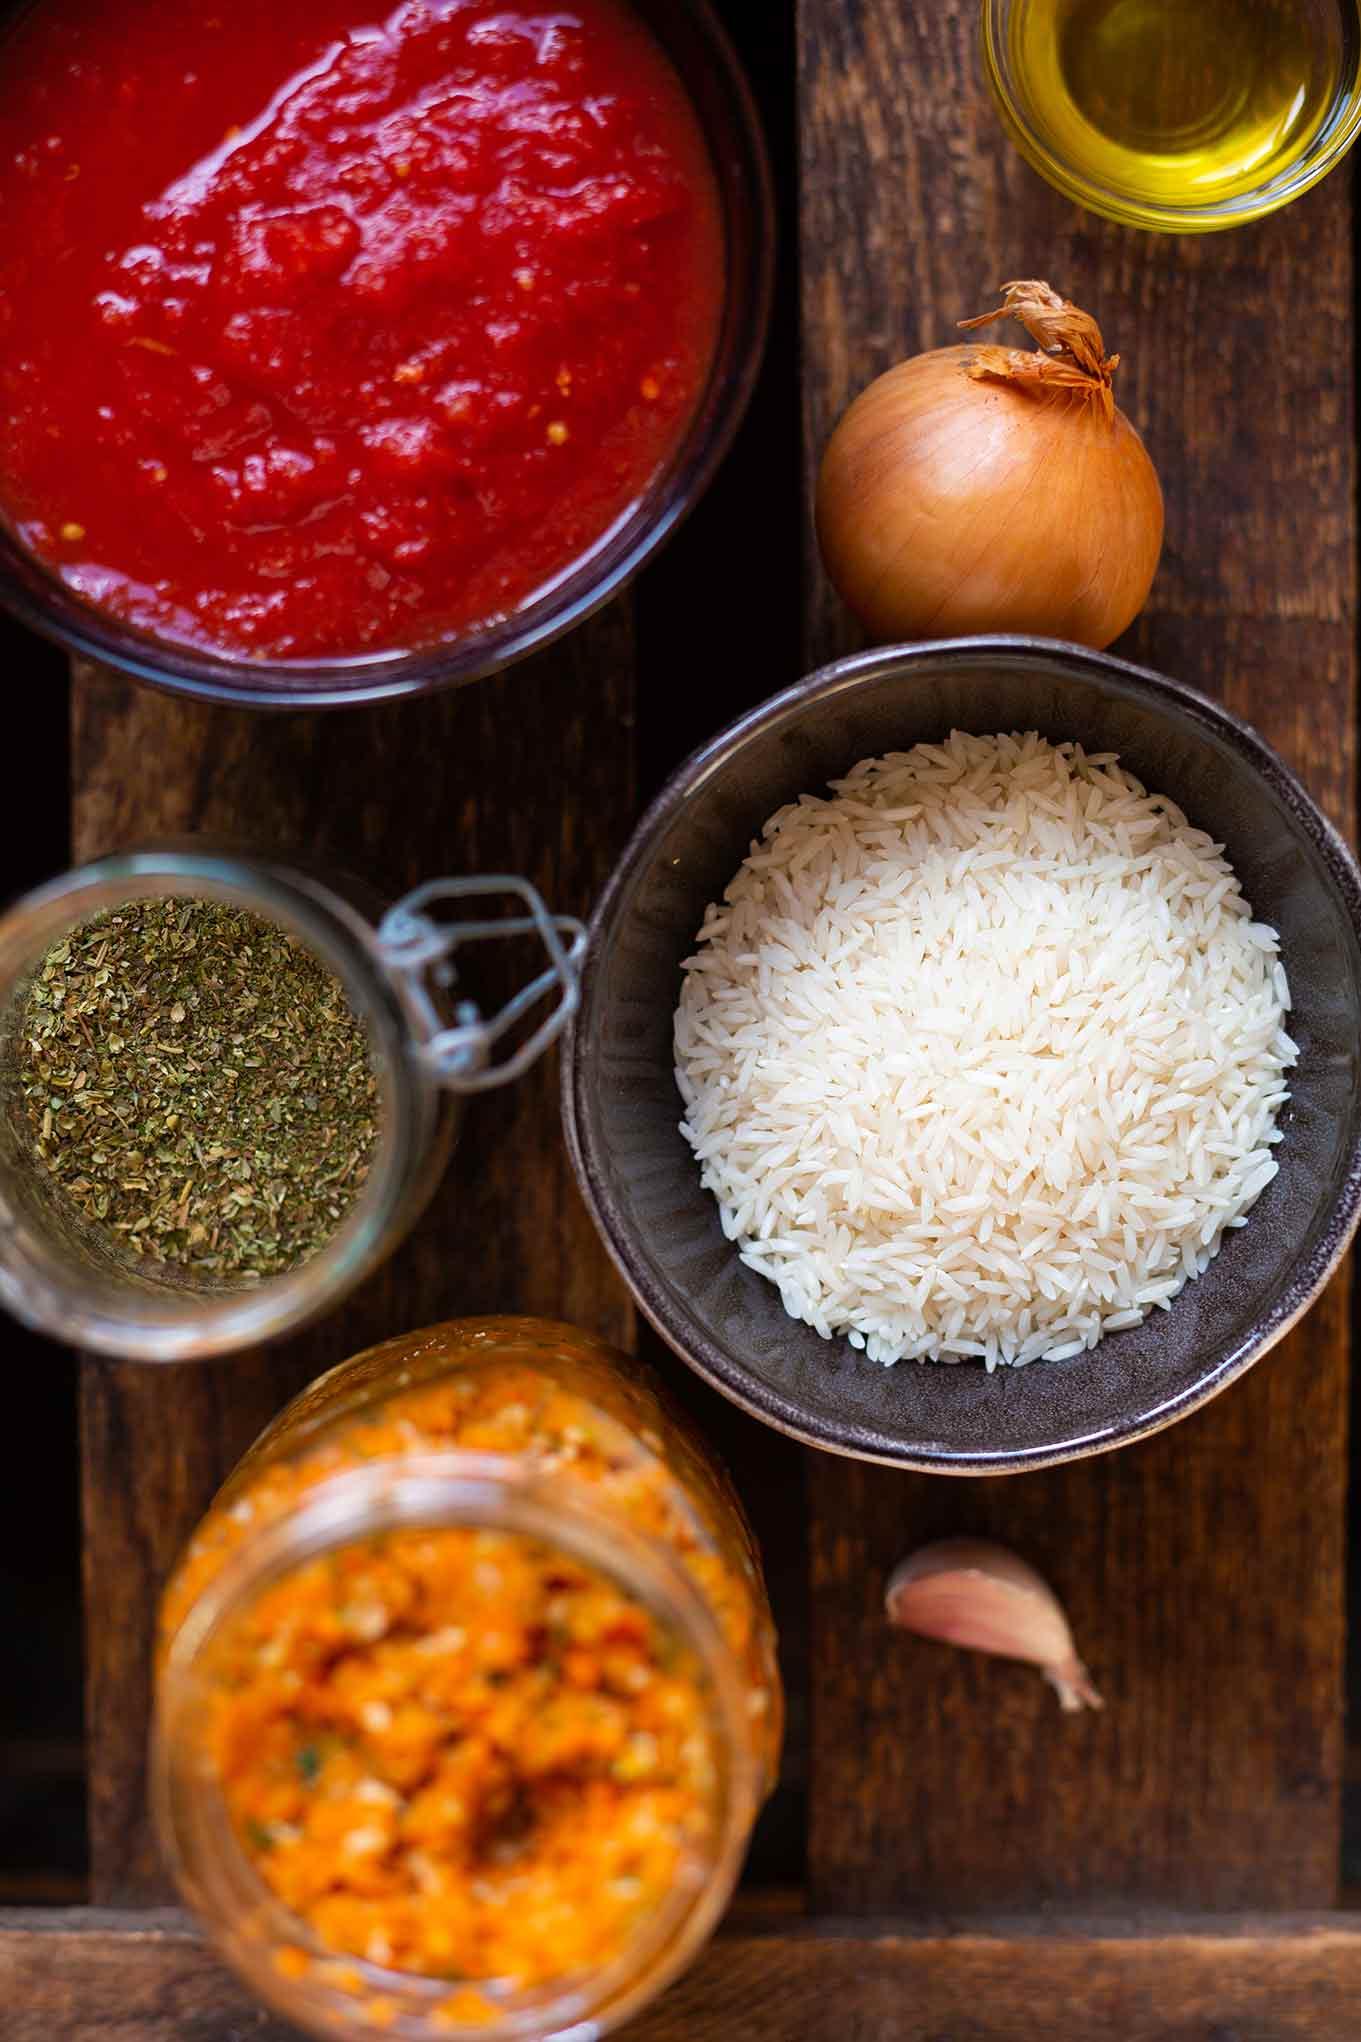 Tomatensuppe mit Reis - steht in nur 20 Minuten auf dem Tisch, ist herzhaft, würzig und vollgepackt mit guten Zutaten aus dem Vorratsschrank. Kochkarussell - dein Foodblog für gesundes Soulfood  #schnelletomatensuppe #kochkarussell #winterrezept #soulfood #schnellundeinfach